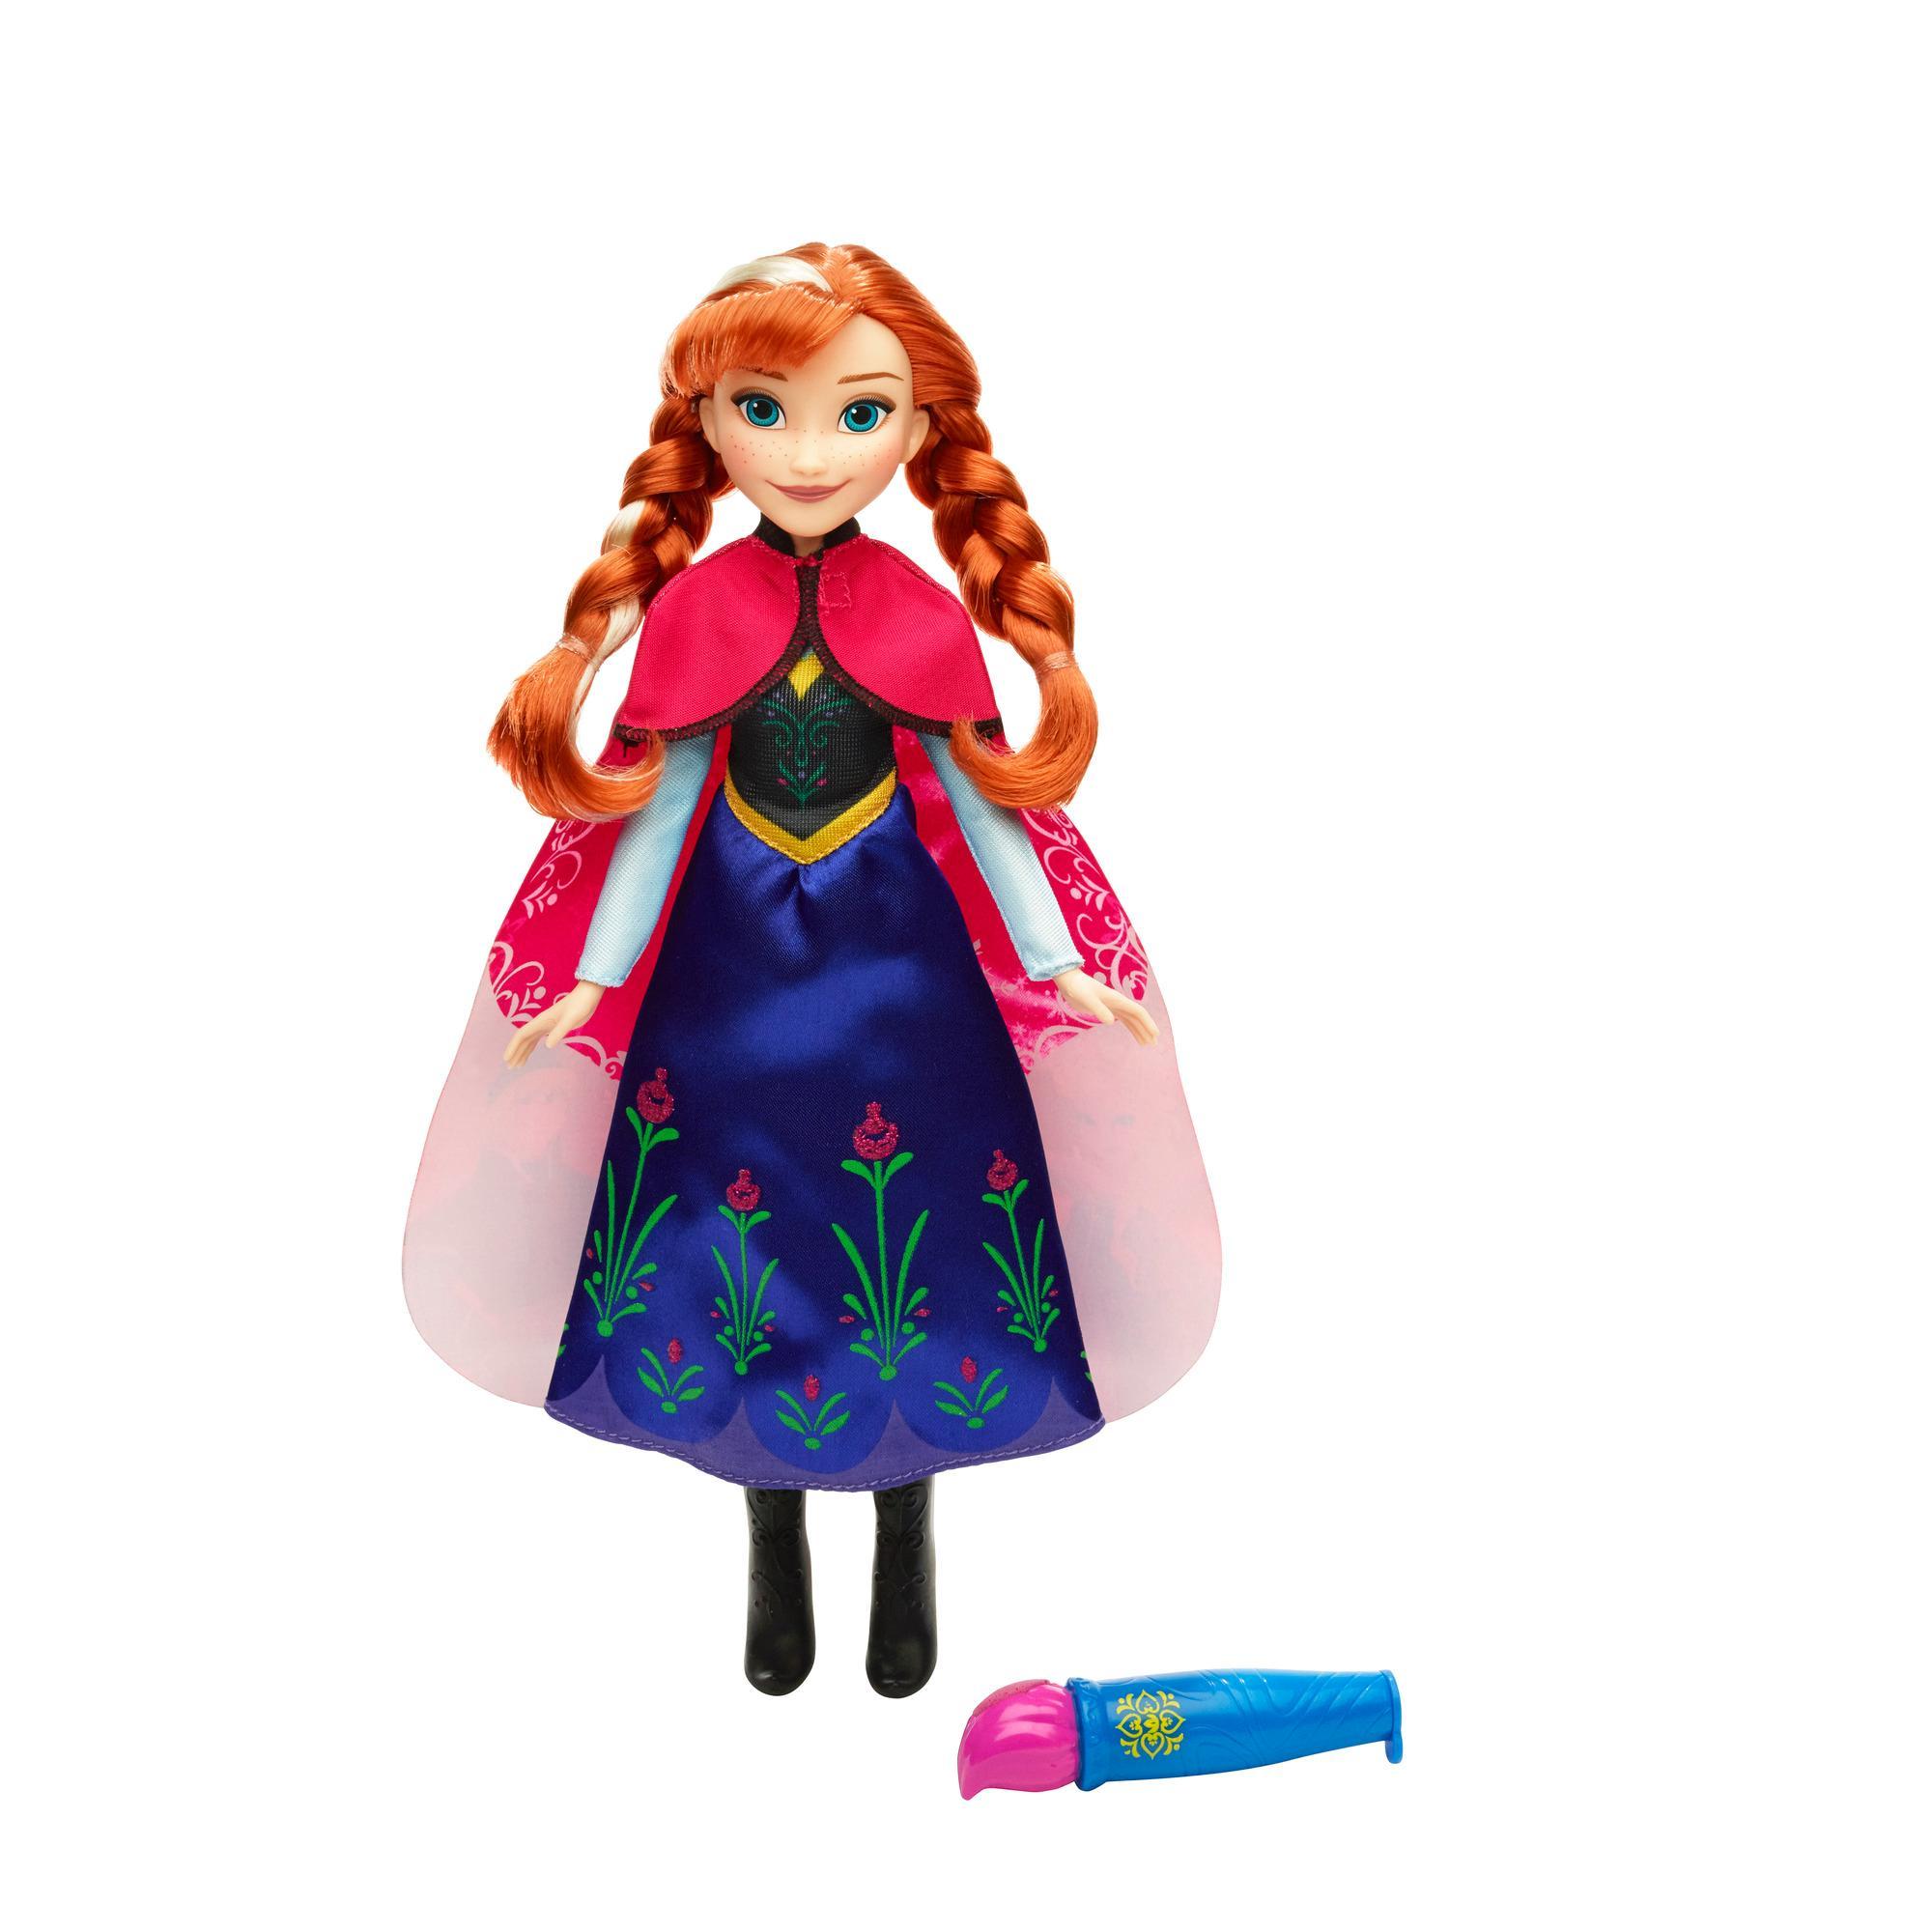 Boneca Vestido Mágico Frozen Anna